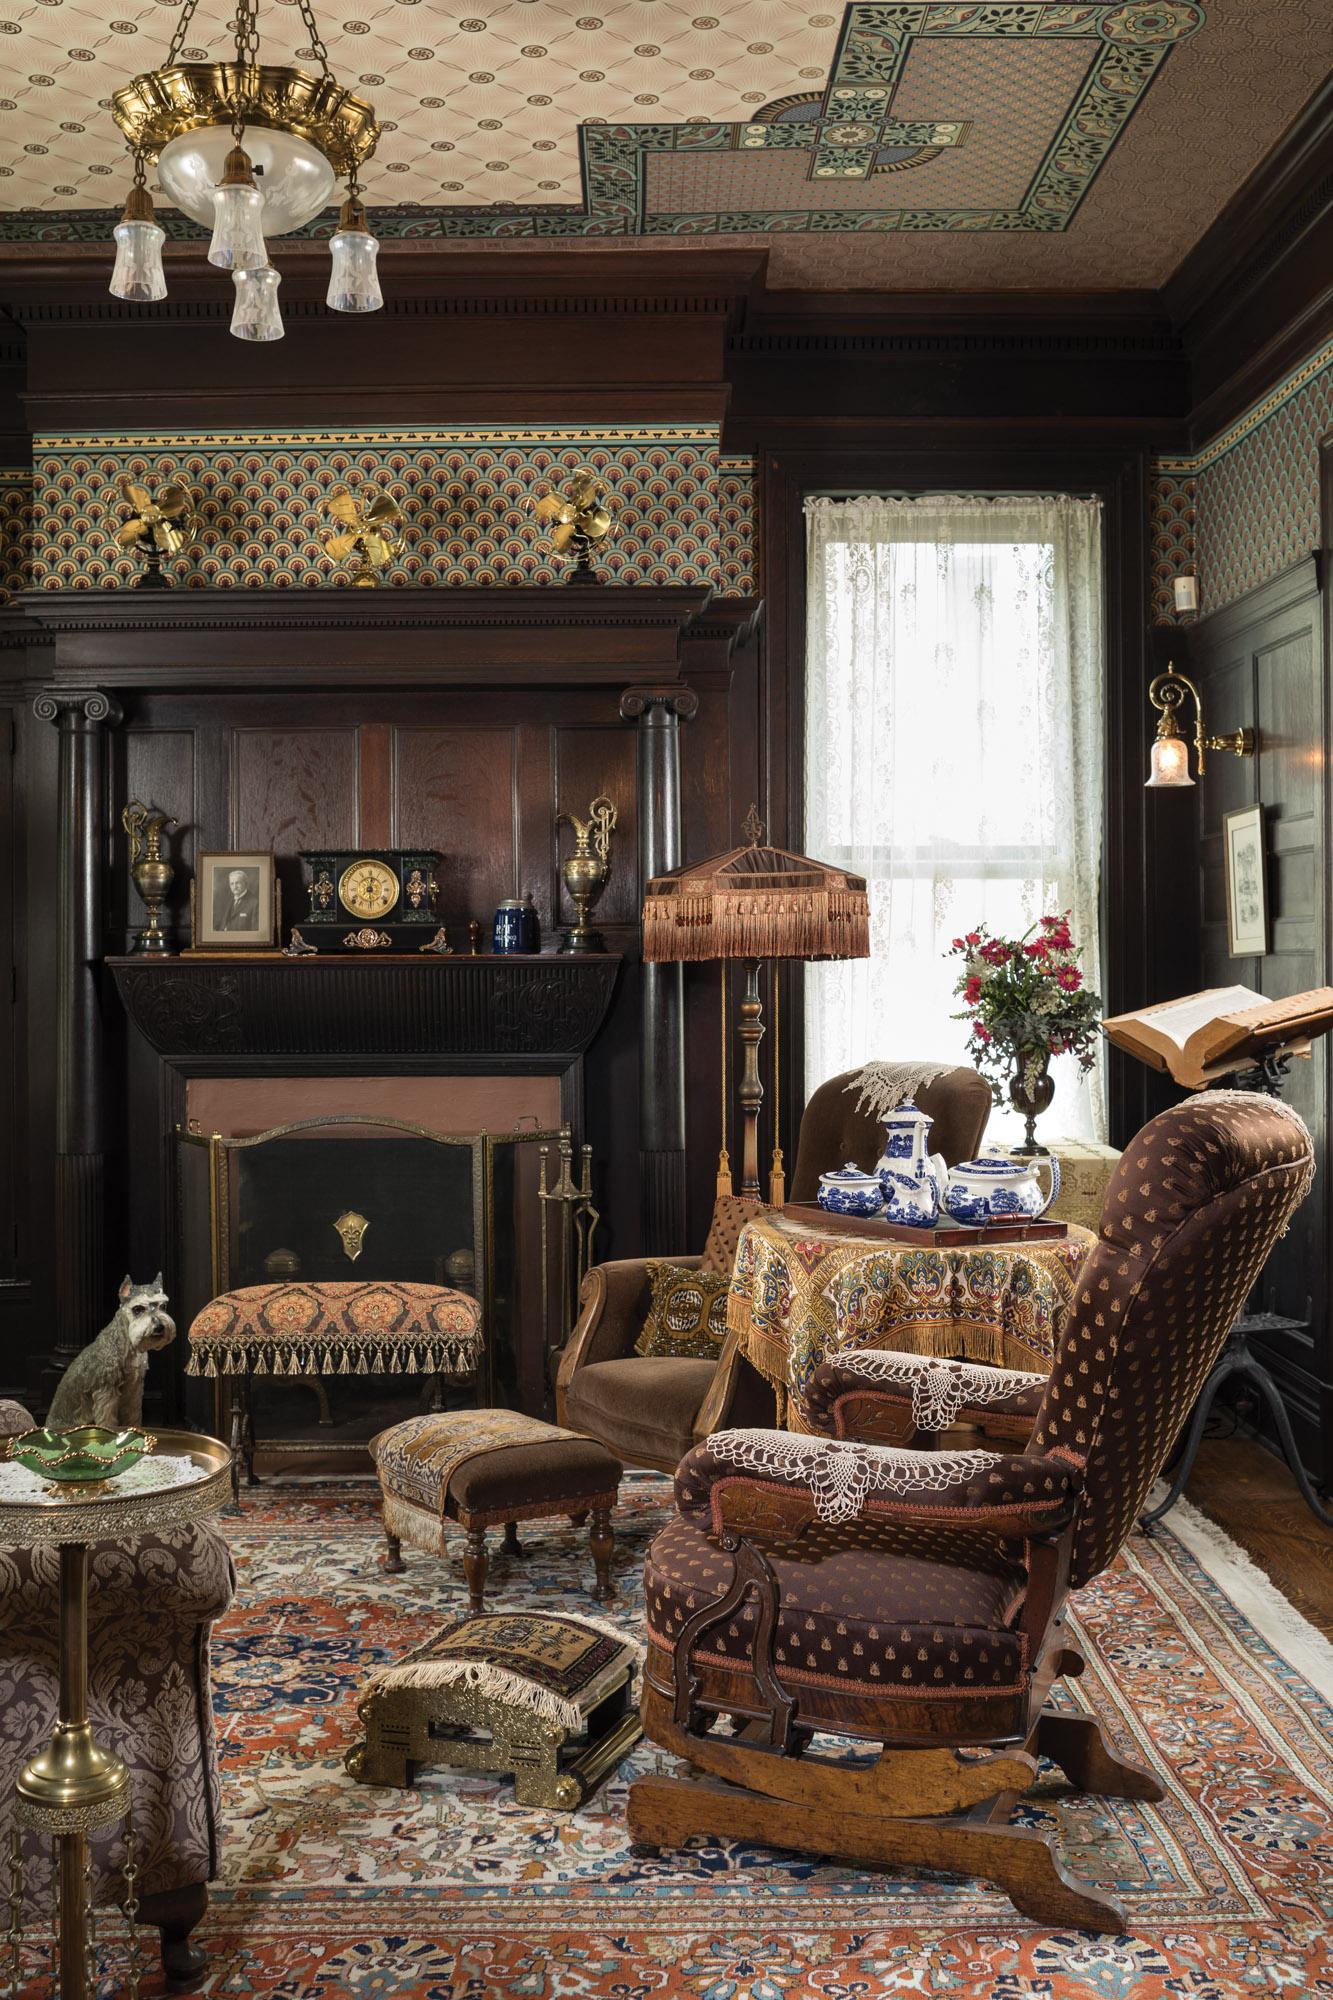 Gentlemen's parlor